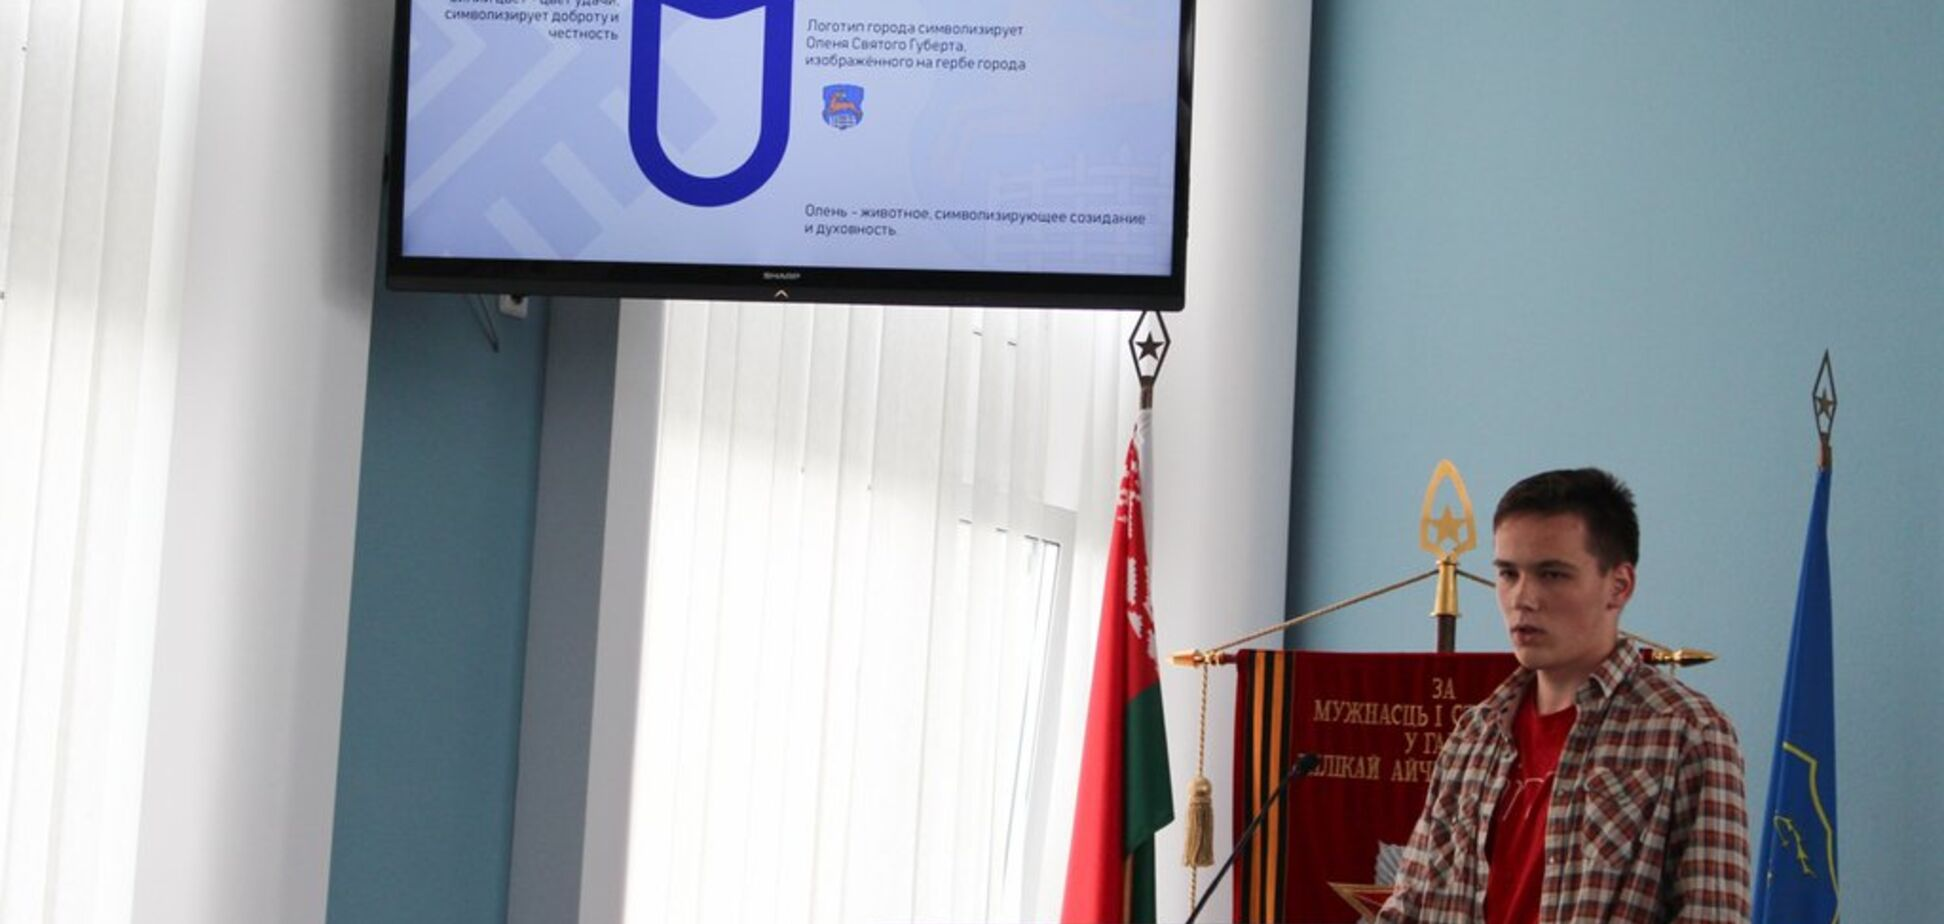 У Білорусі підняли на сміх пікантний логотип міста